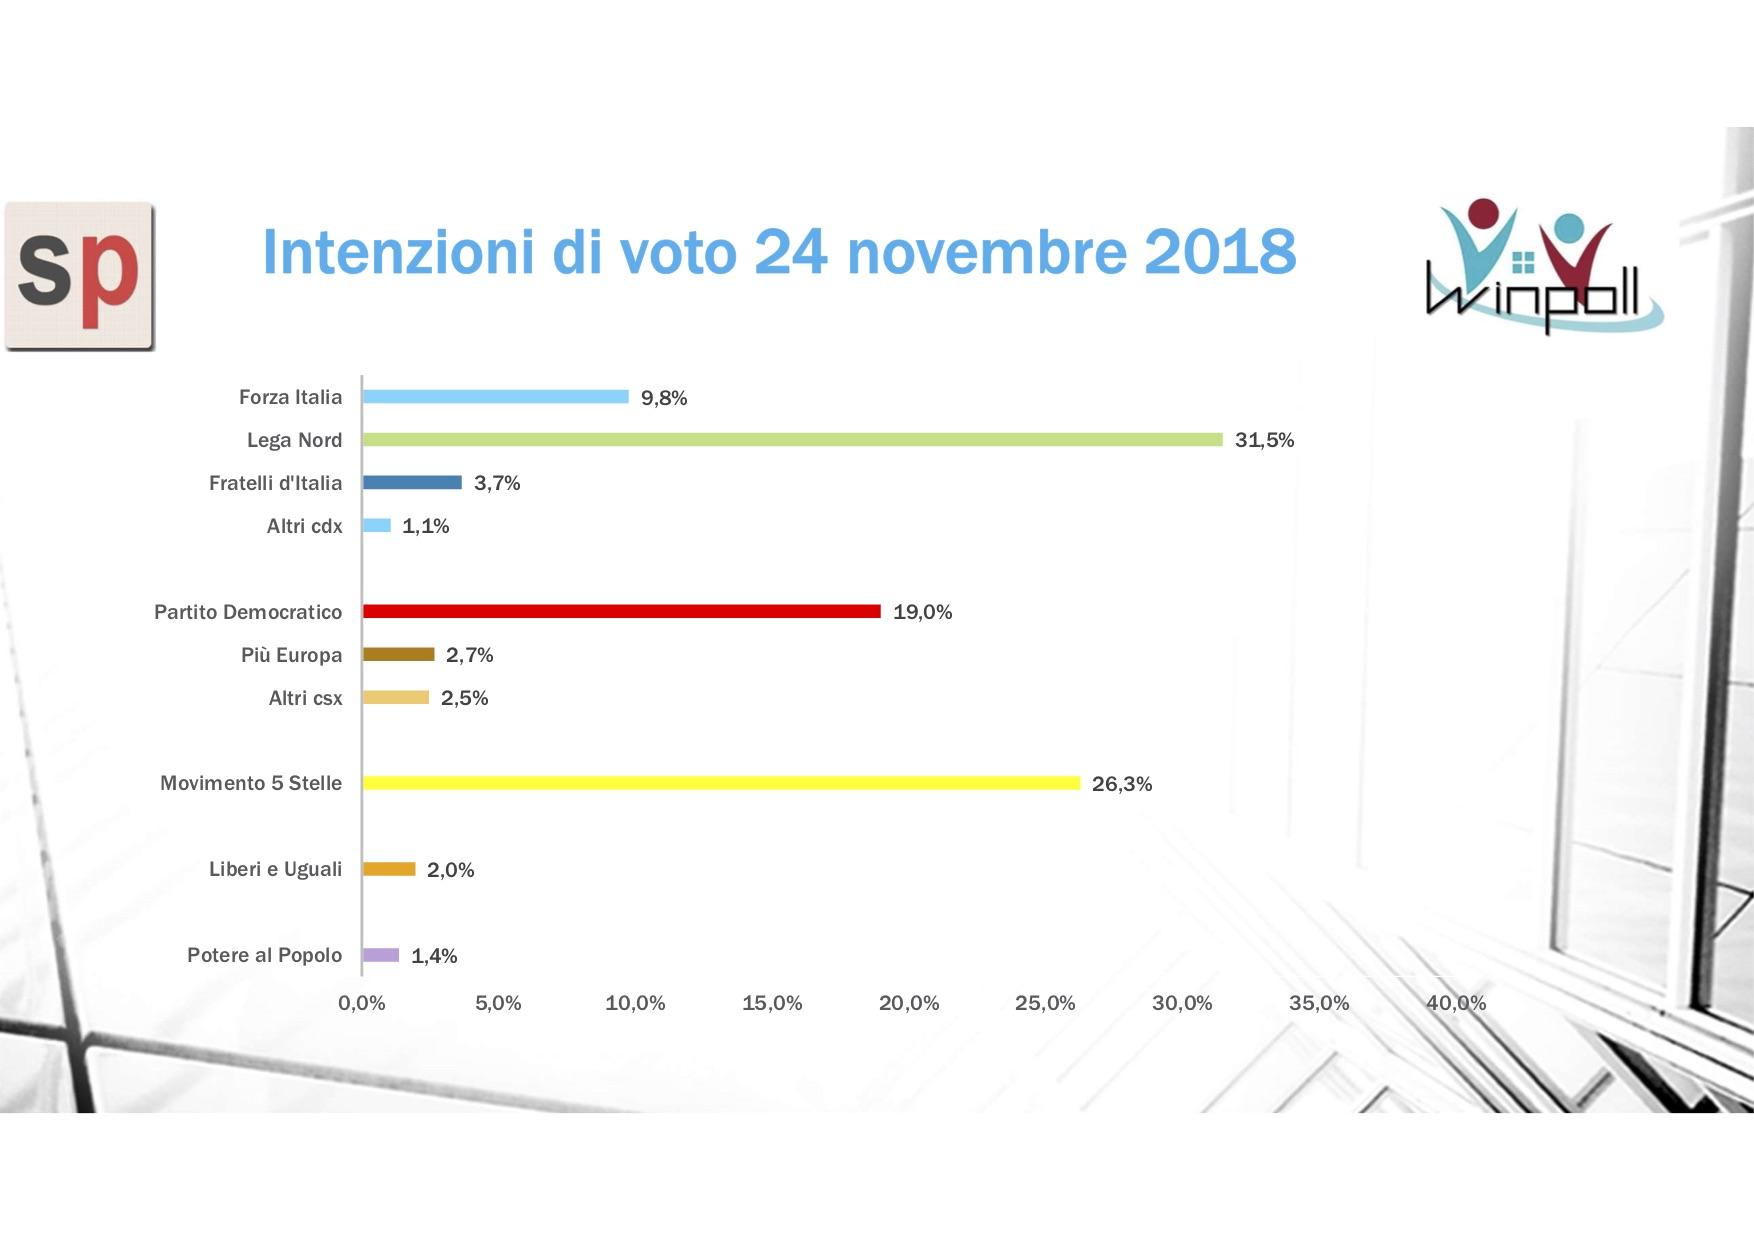 Sondaggio Scenari Politici - Winpoll (24 novembre 2018)